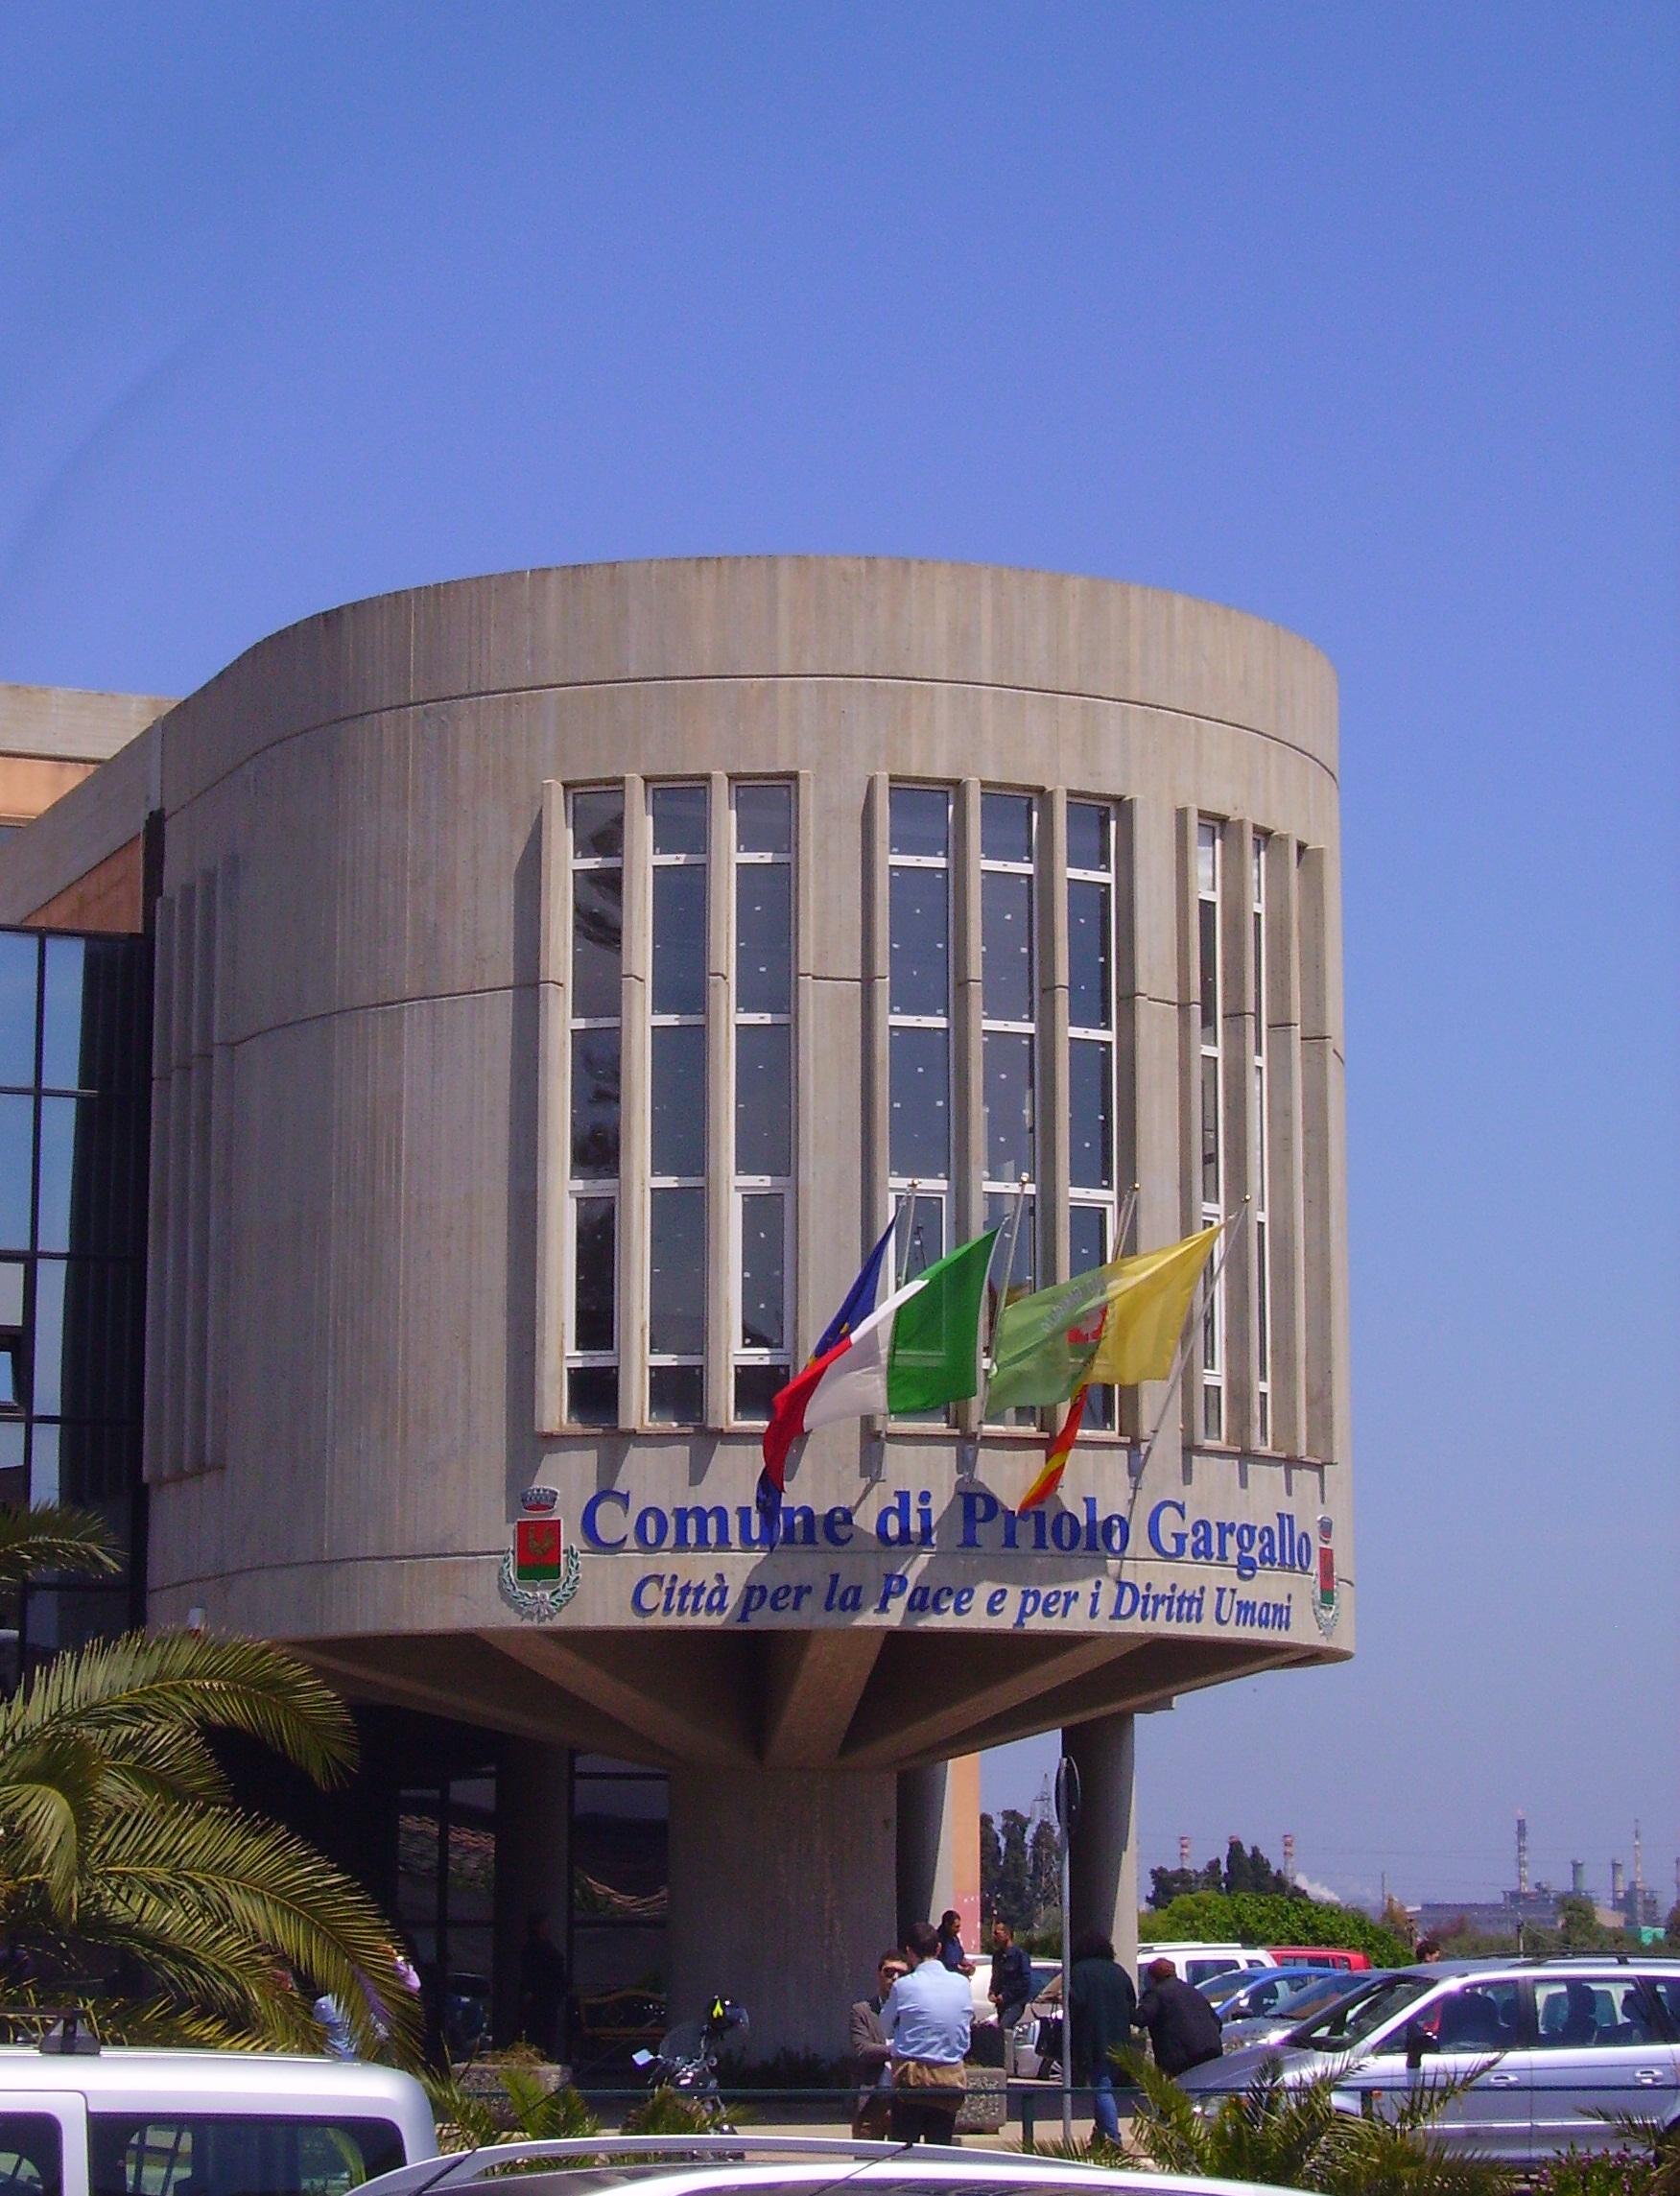 DUBBI SULLA VALUTAZIONE DELL'ITER AUTORIZZATIVO ALL'IMPIANTO DI RIGASSIFICAZIONE, AL PIU' PRESTO LA CONVOCAZIONE DEL MASSIMO CONSENSO CIVICO